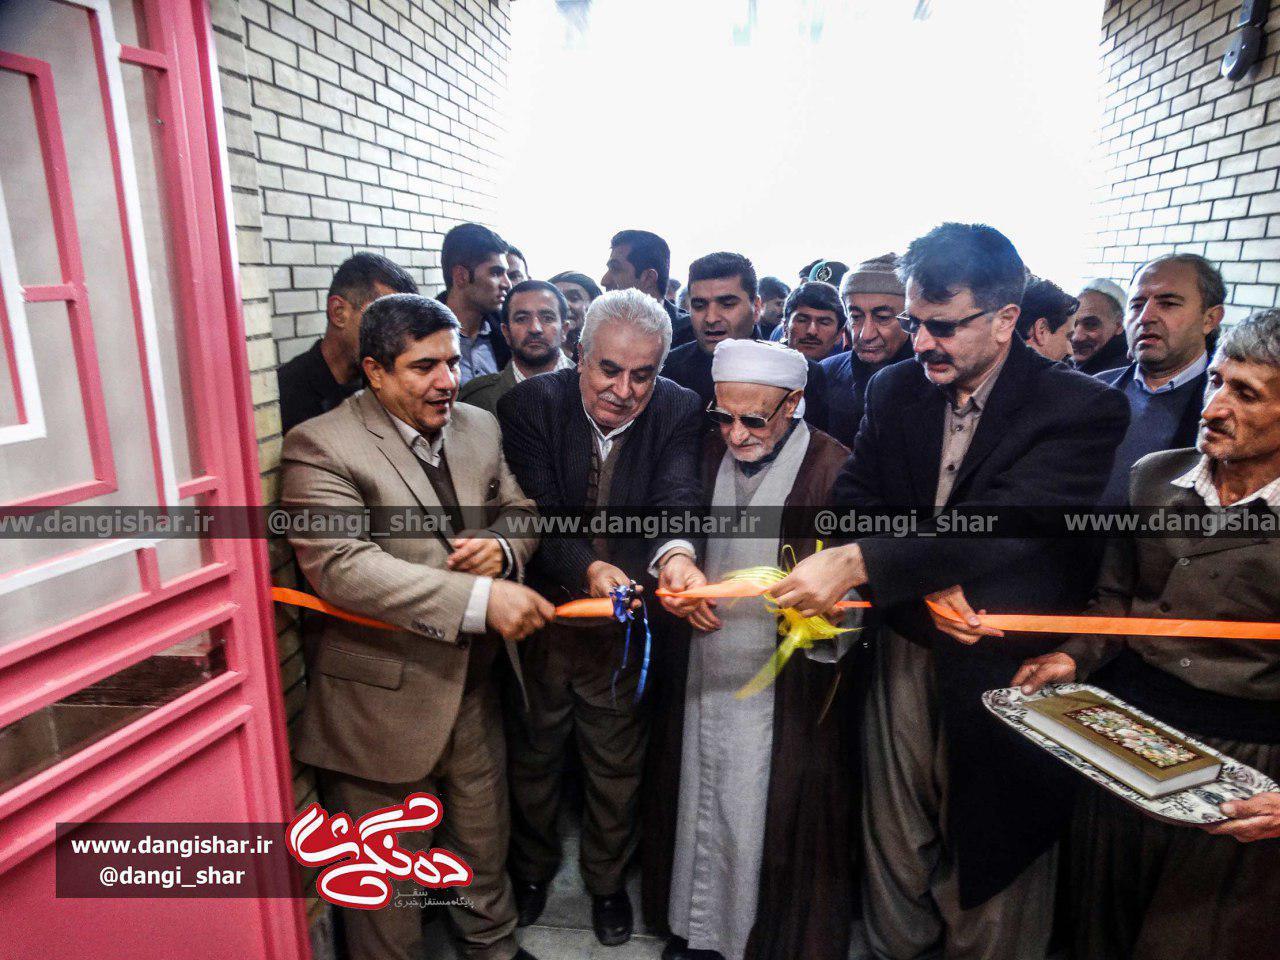 افتتاح مدرسه 3 کلاسه زنده یاد شاهو کریمی در روستای کانی جشنی